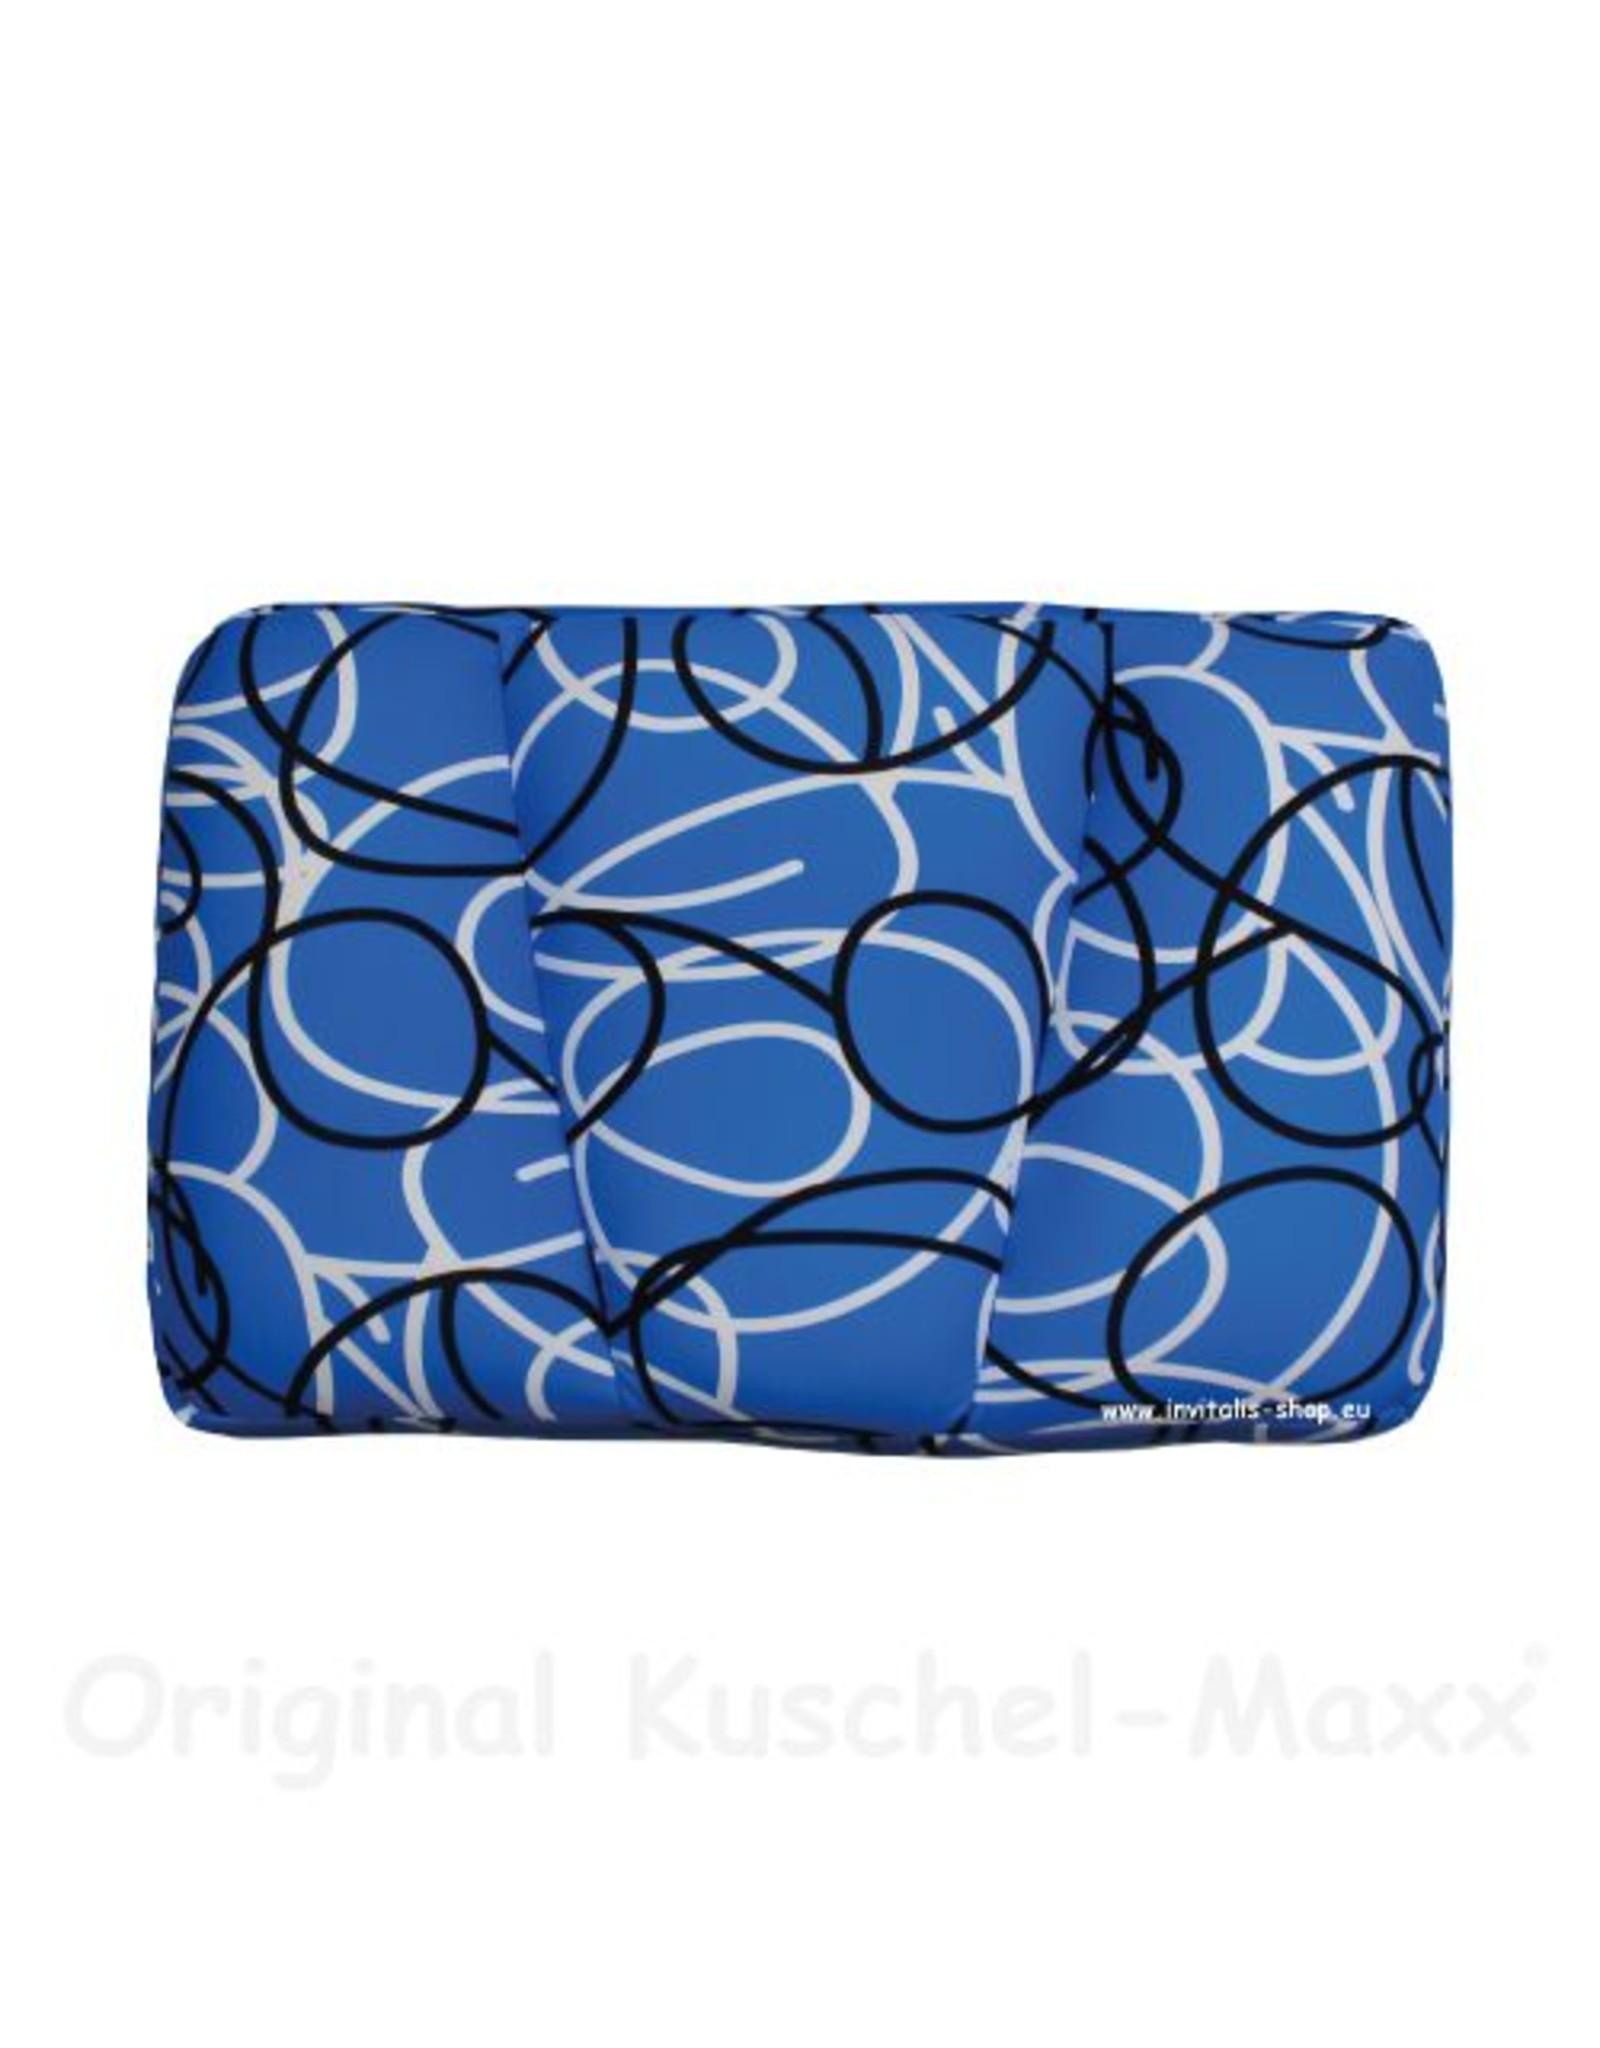 Kuschel-Maxx Kuschel-Maxx - Schlafkissen Linien Blau